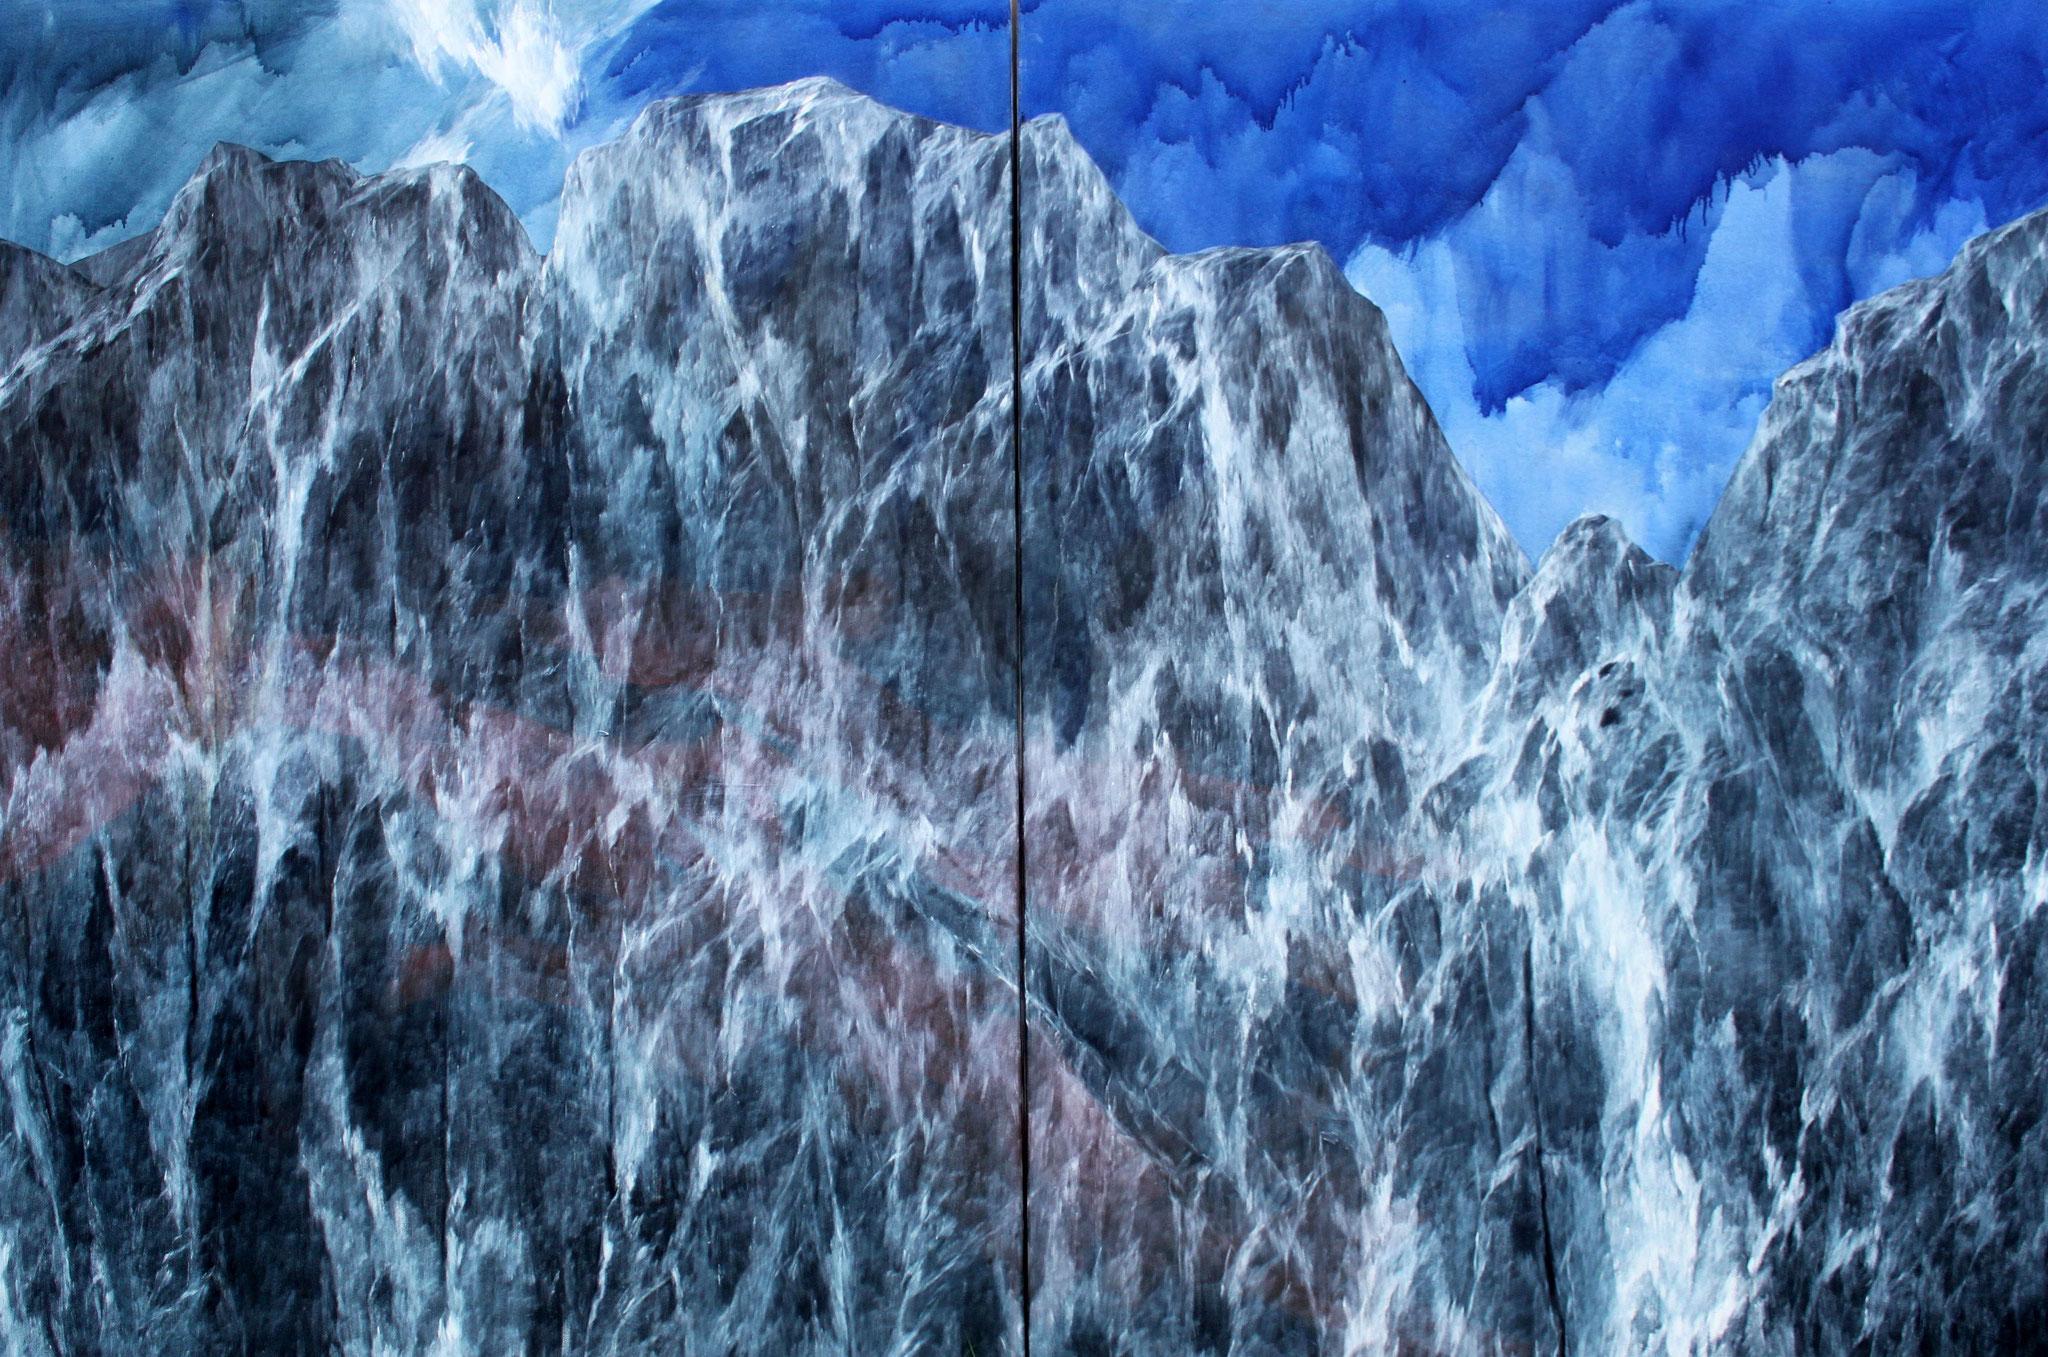 Josef Taucher, Ausbruch 1, 2017, Öl/Molino, Diptychon, 205 x 300 cm © Josef Taucher